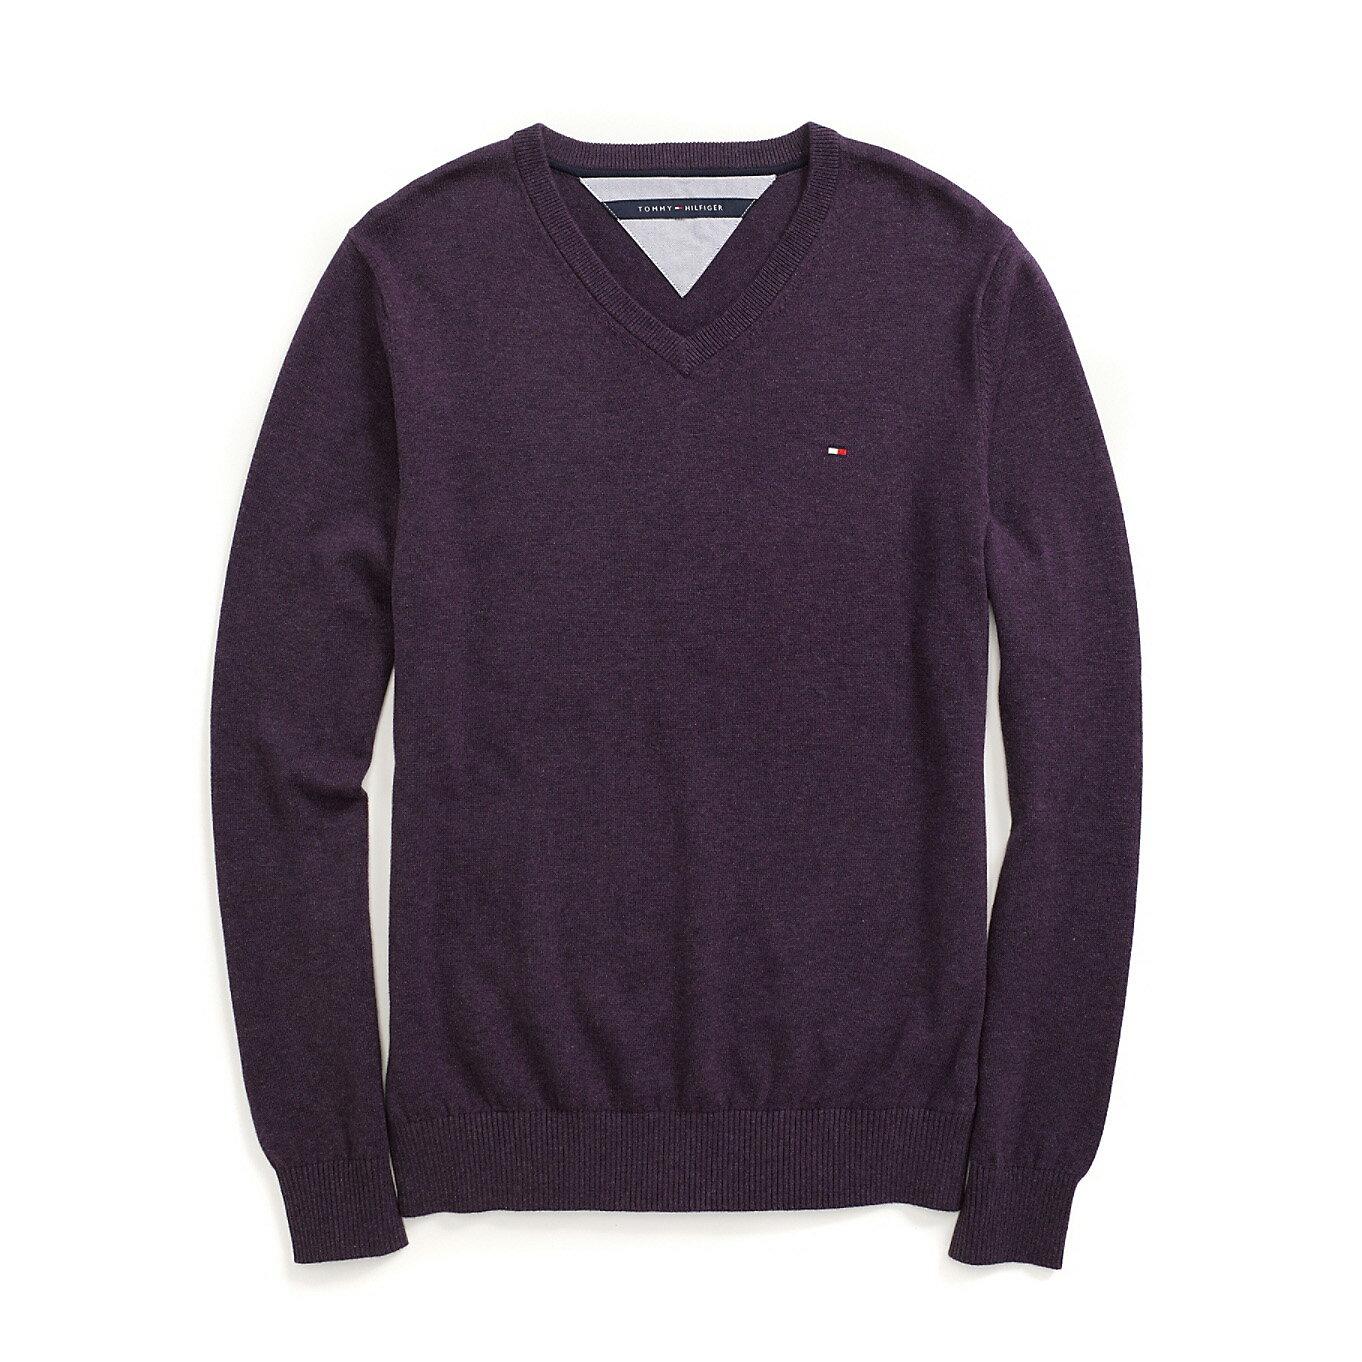 美國百分百【全新真品】Tommy Hilfiger 針織衫 TH 線衫 V領 素面 純棉 毛衣 葡萄紫 S號 B606